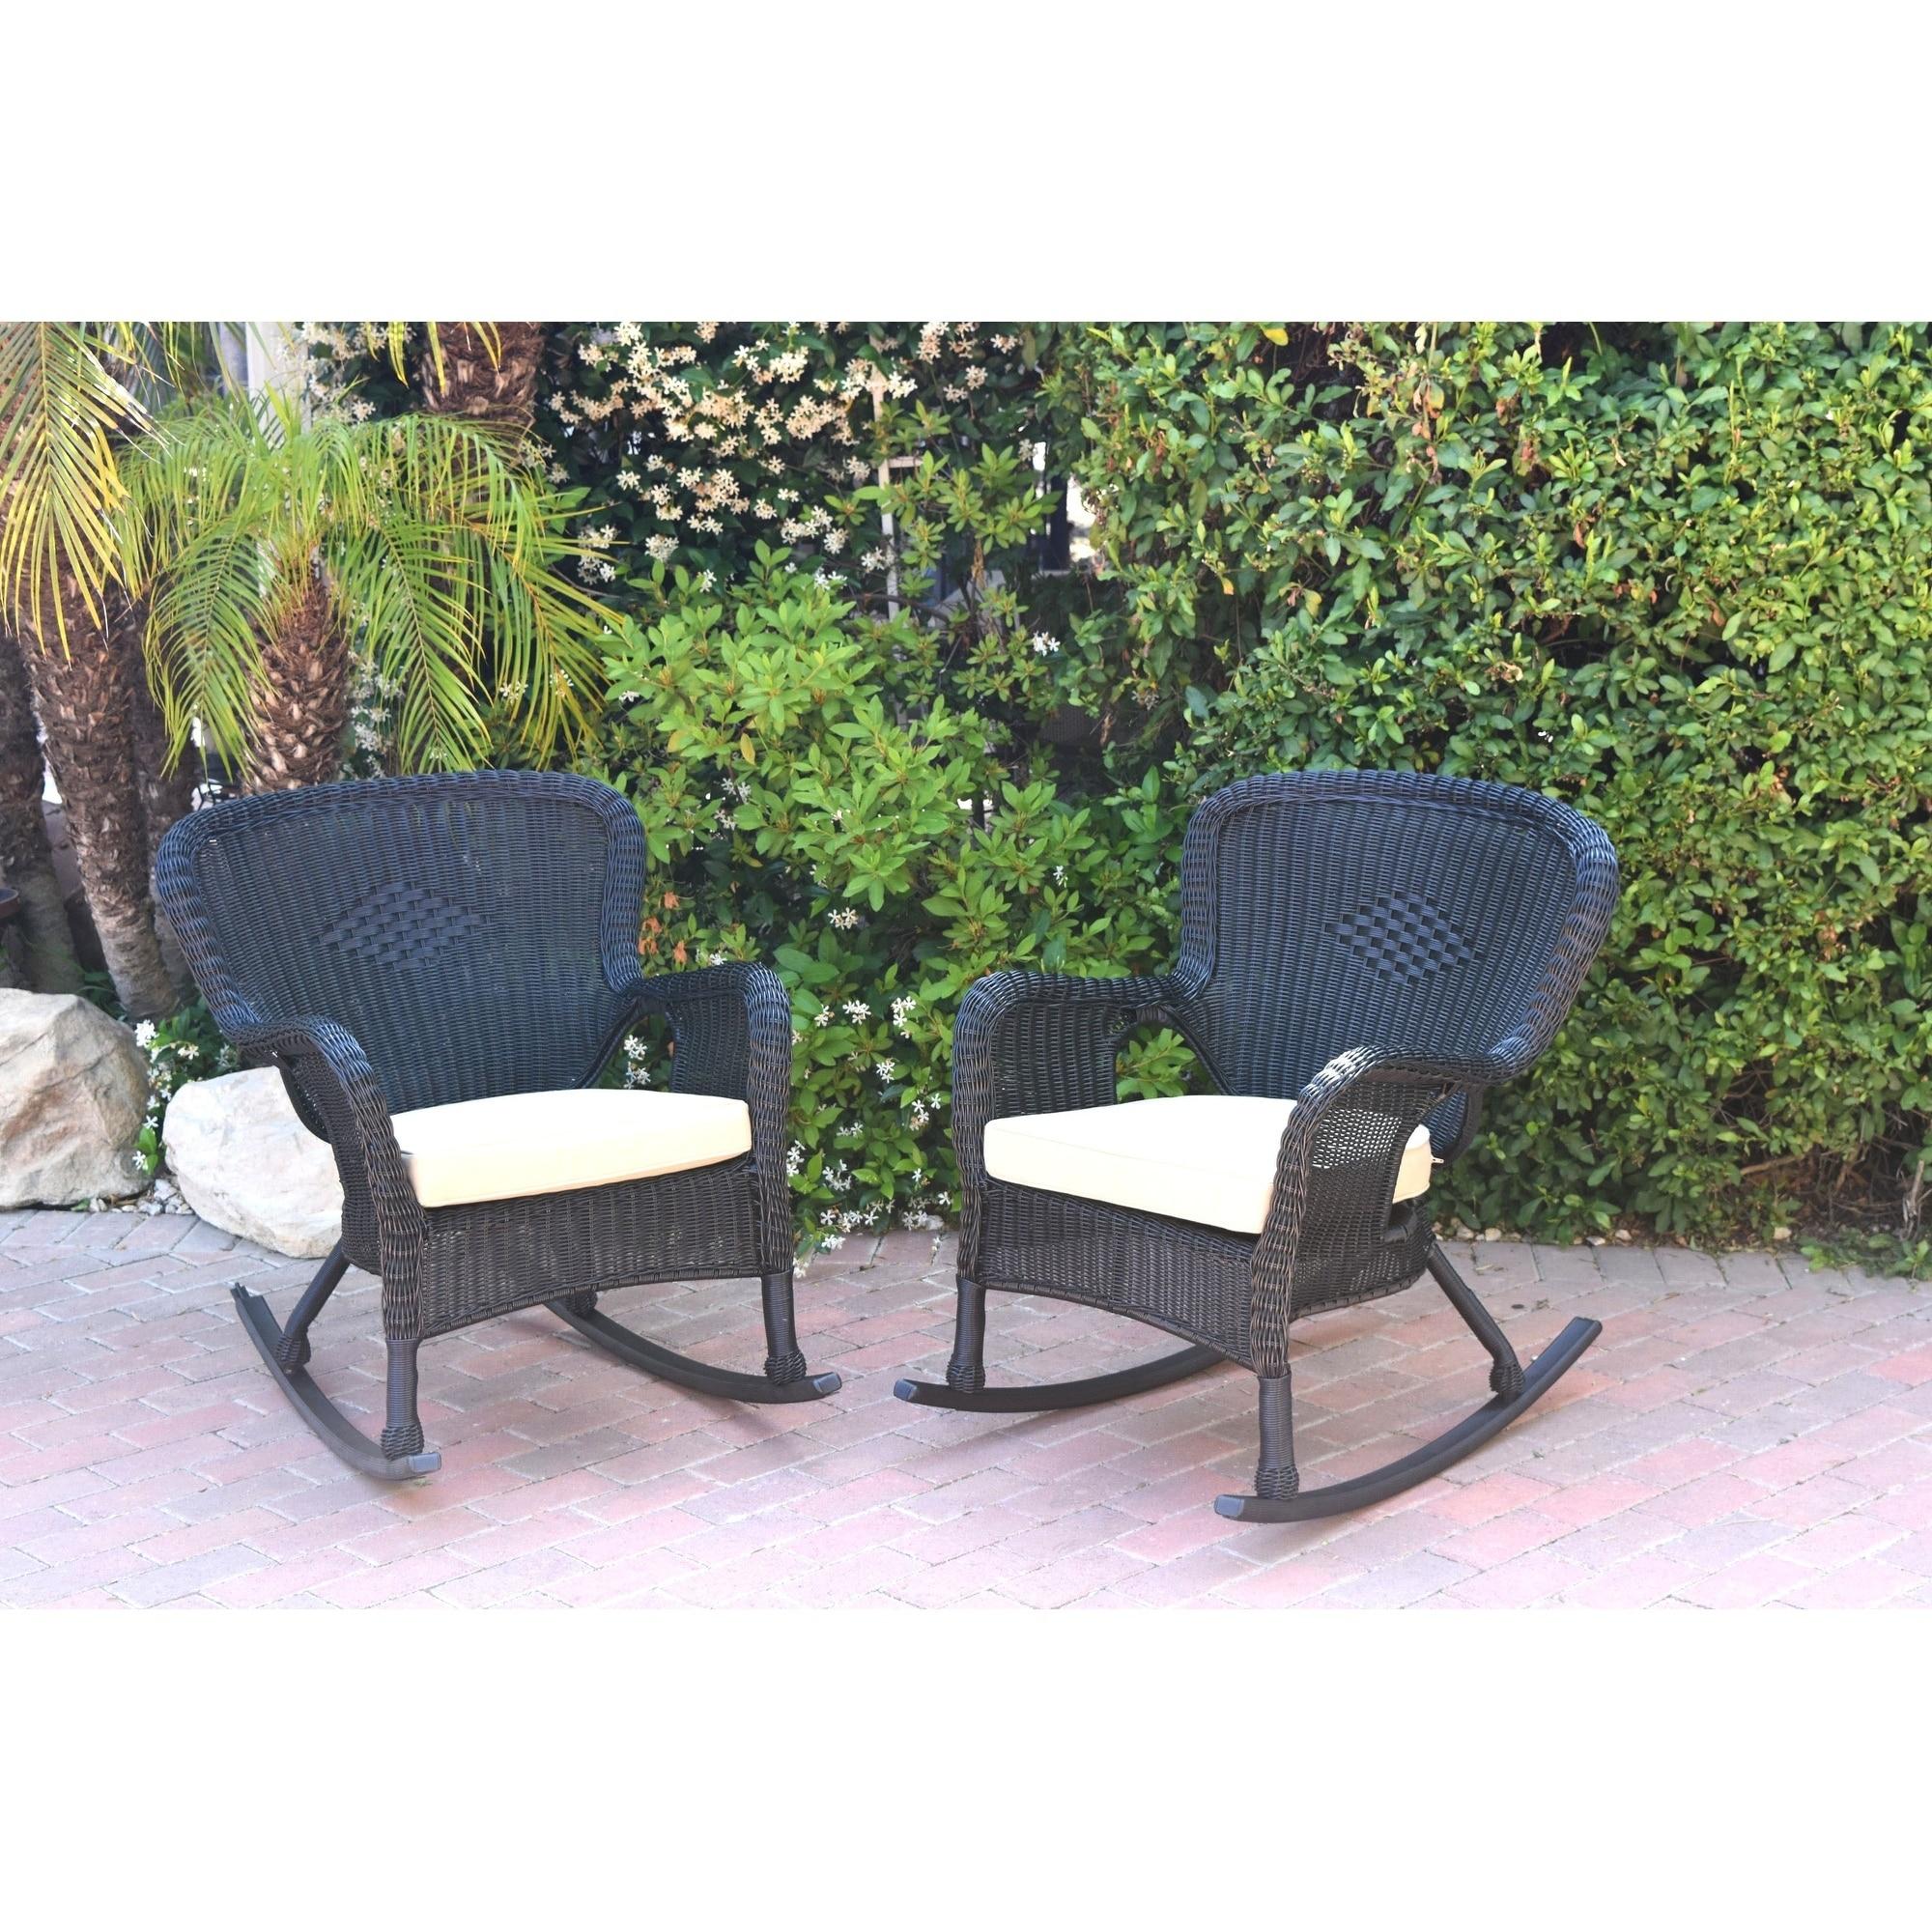 Windsor Black Resin Wicker Rocker Chair